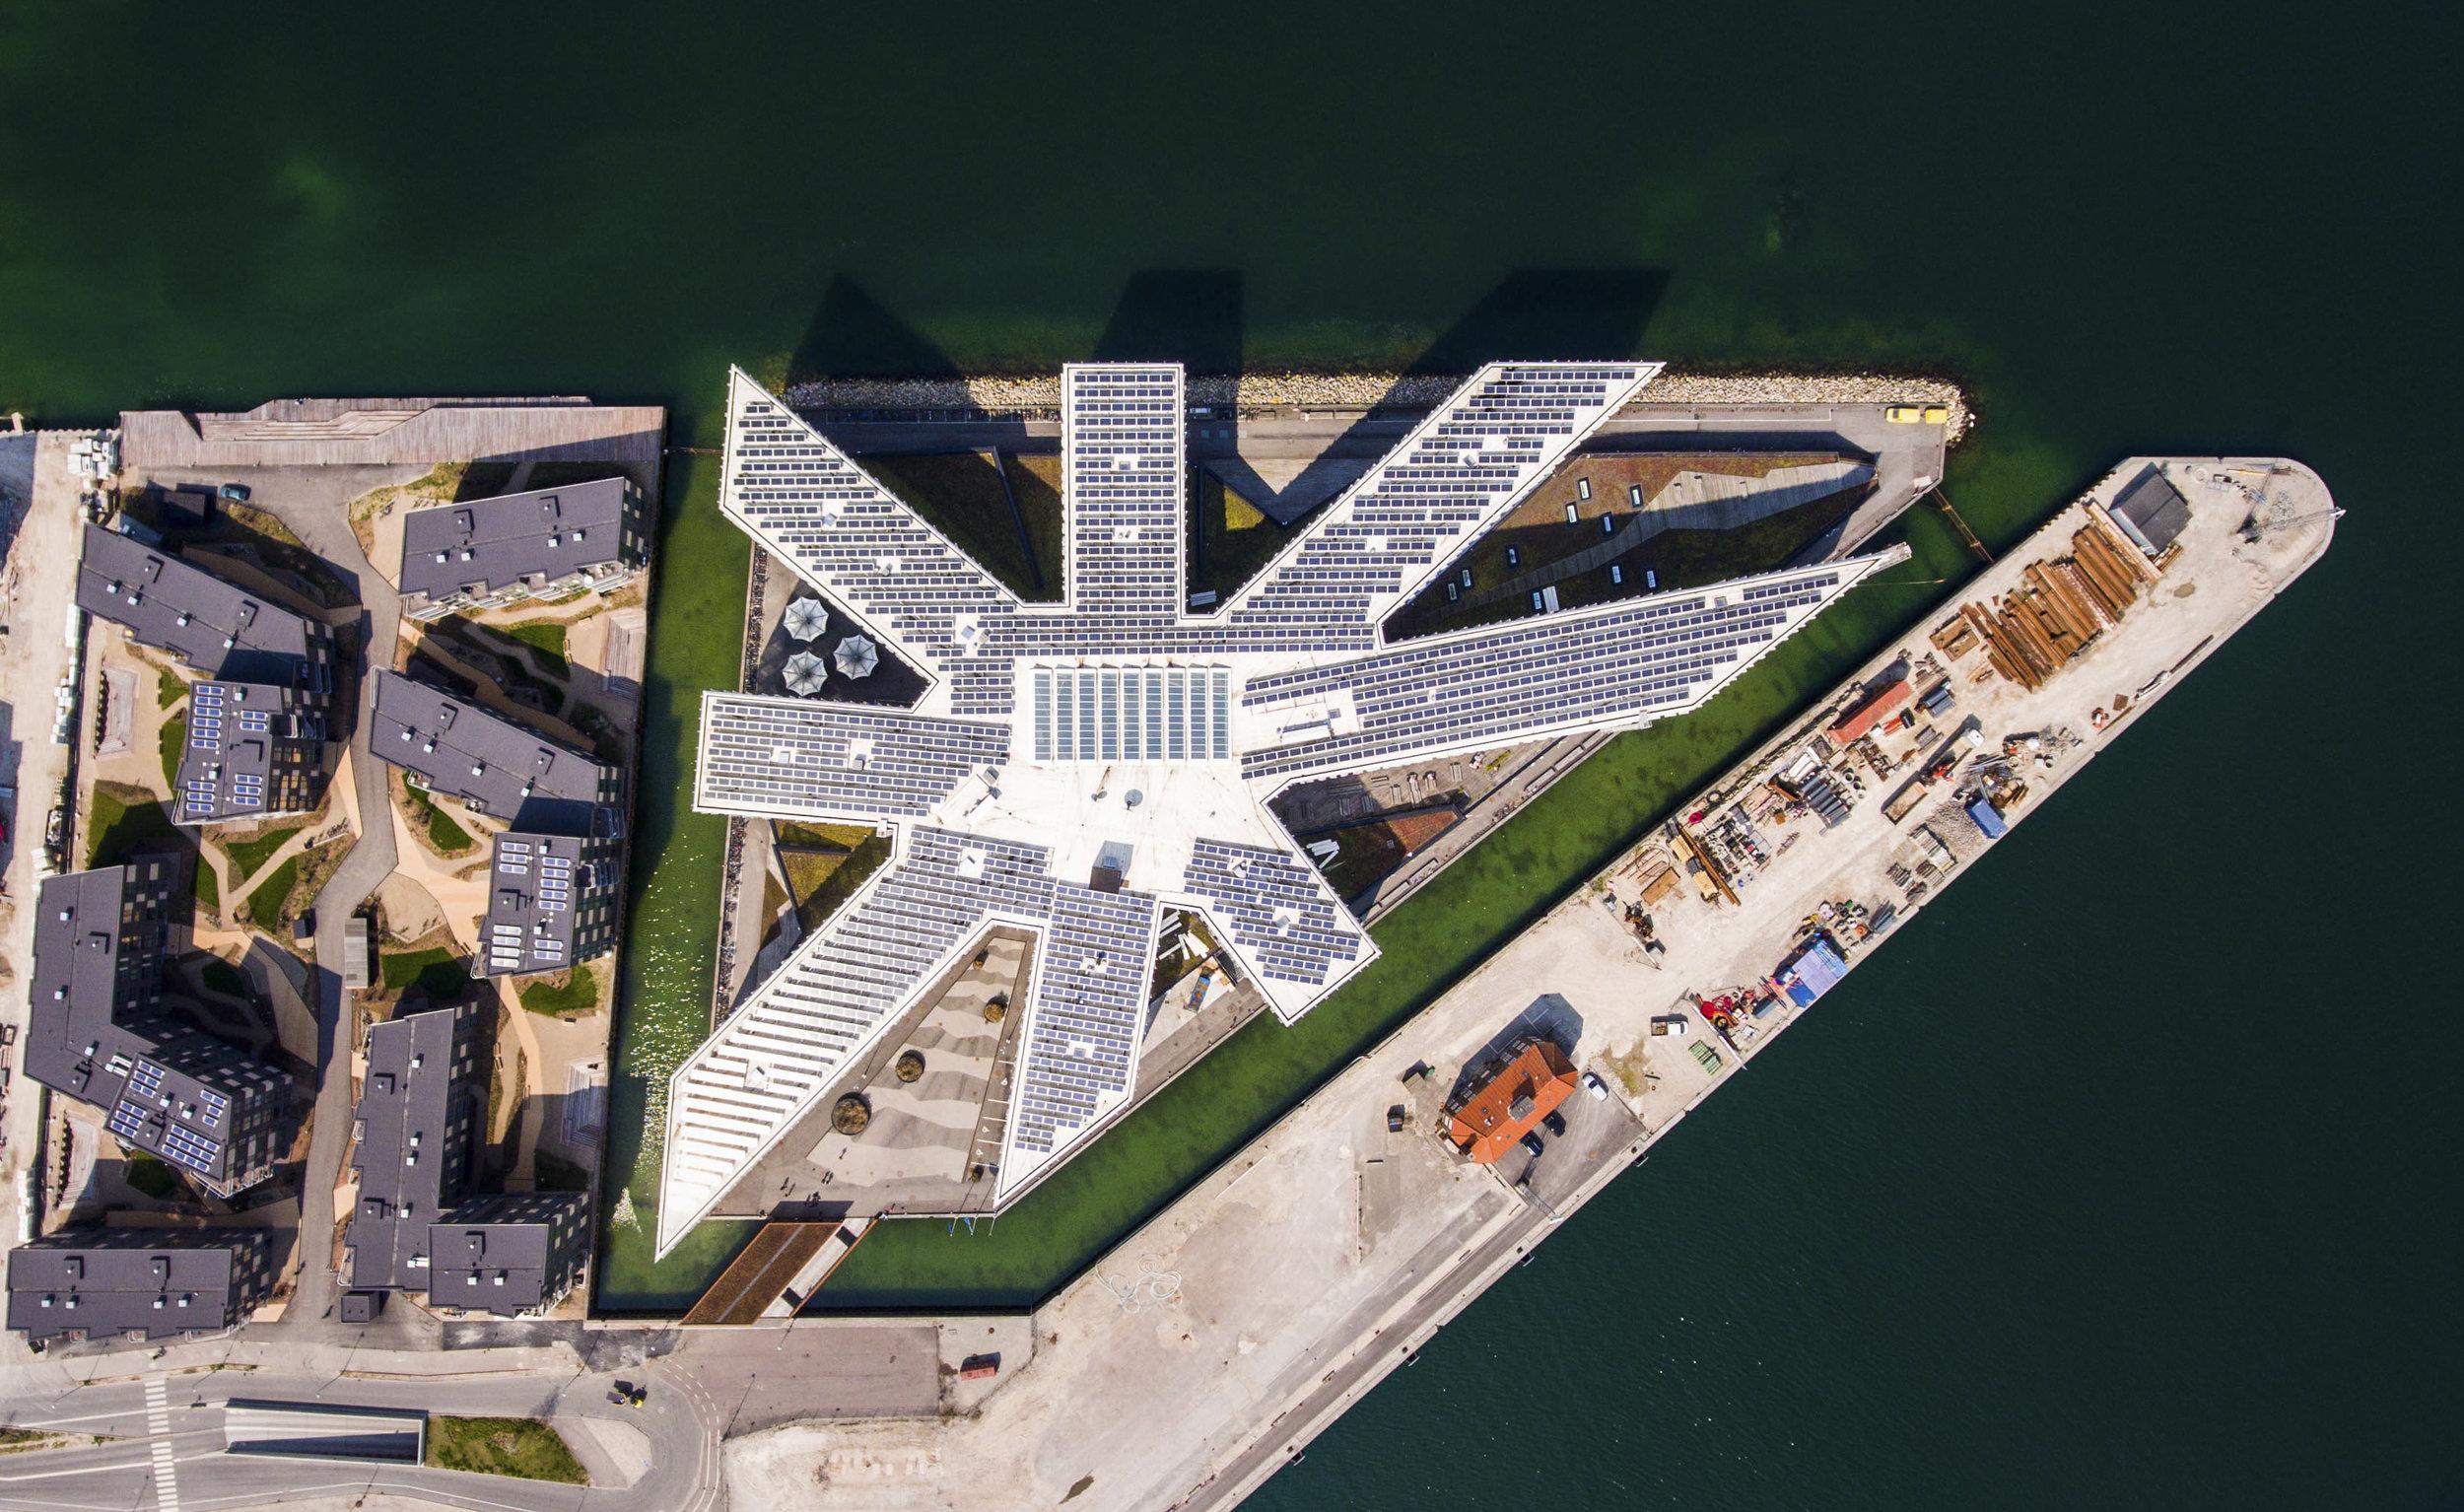 Copenhagen UN headquarter